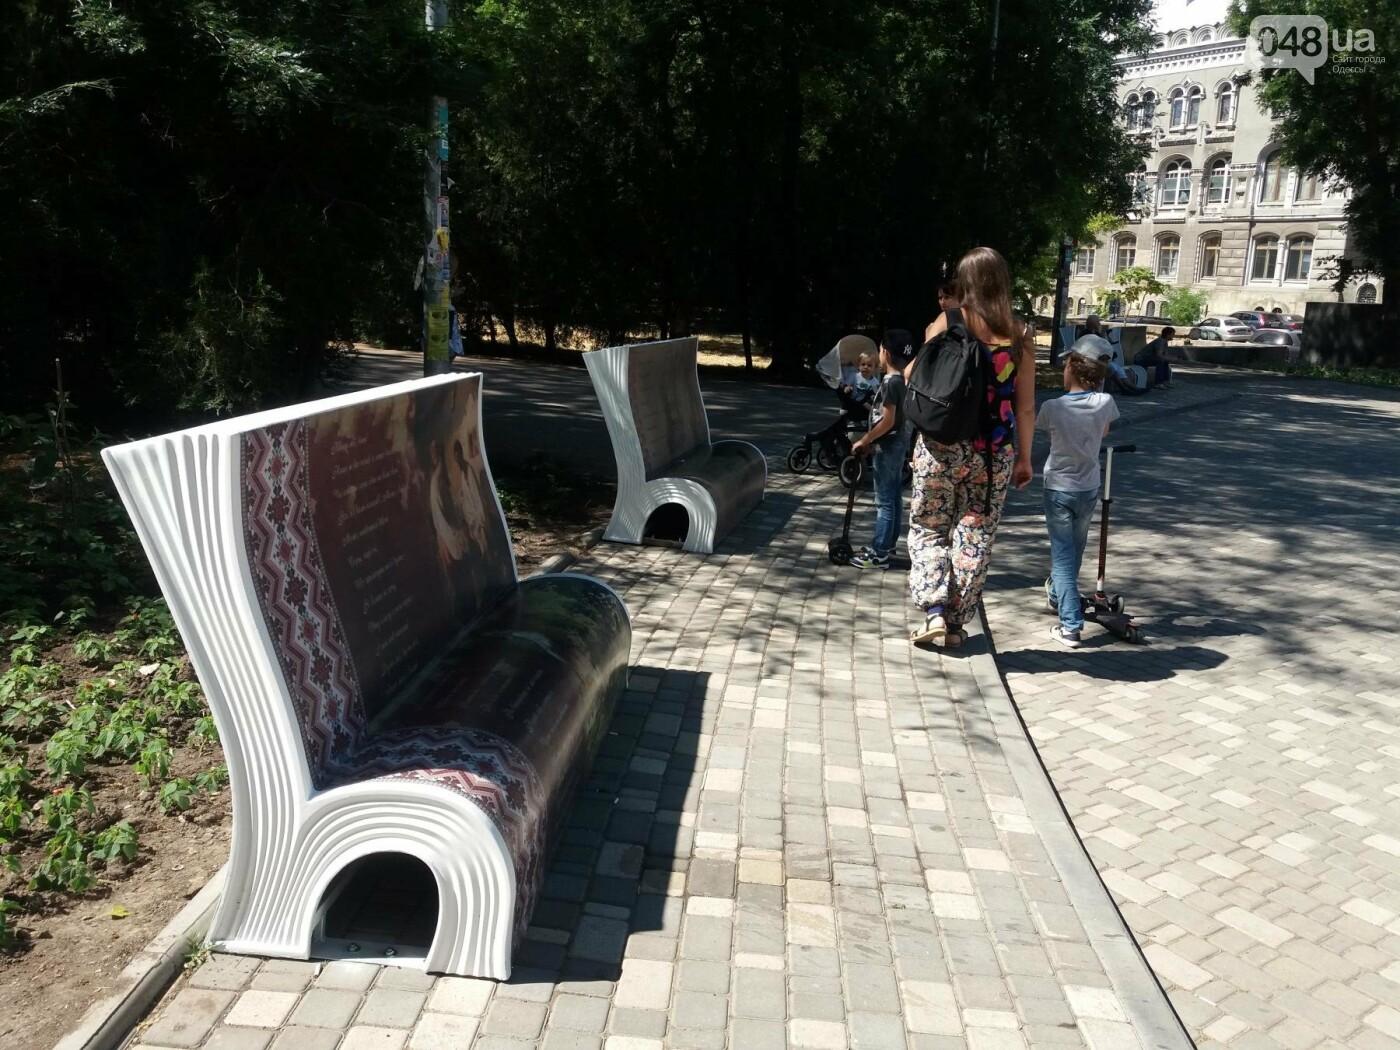 Литературные скамейки украсили одесский парк, - ФОТОФАКТ , фото-3